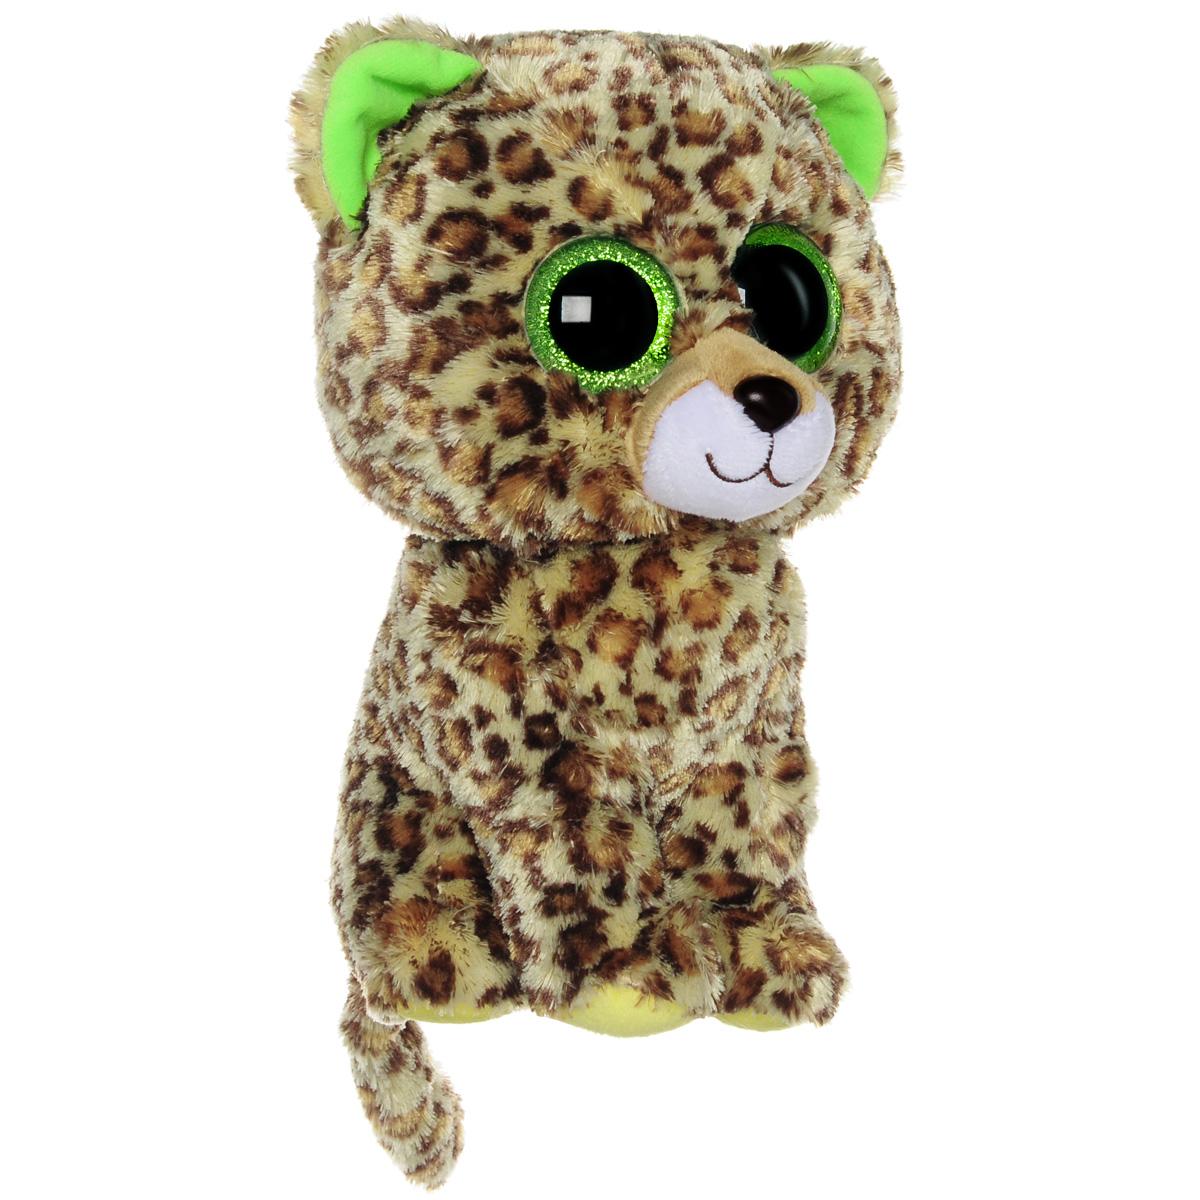 Мягкая игрушка Beanie Boos Леопард Speckles, 23 см36967Очаровательная мягкая игрушка Beanie Boos Леопард Speckles, выполненная в виде милого котенка леопарда, непременно вызовет улыбку и симпатию и у детей, и у взрослых. Забавный леопард с выразительными зелеными глазками изготовлен из высококачественного мягкого текстильного материала с набивкой из синтепона. Как и все игрушки серии Beanie Boos, эта игрушка изготовлена вручную, с любовью и вниманием к деталям. Удобный небольшой размер леопарда позволит брать его с собой на прогулку, и малышу не придется расставаться со своим новым другом. Удивительно мягкая игрушка принесет радость и подарит своему обладателю мгновения нежных объятий и приятных воспоминаний. Специальные гранулы, расположенные в лапках игрушки, способствуют развитию мелкой моторики рук малыша. Великолепное качество исполнения делают эту игрушку чудесным подарком к любому празднику.